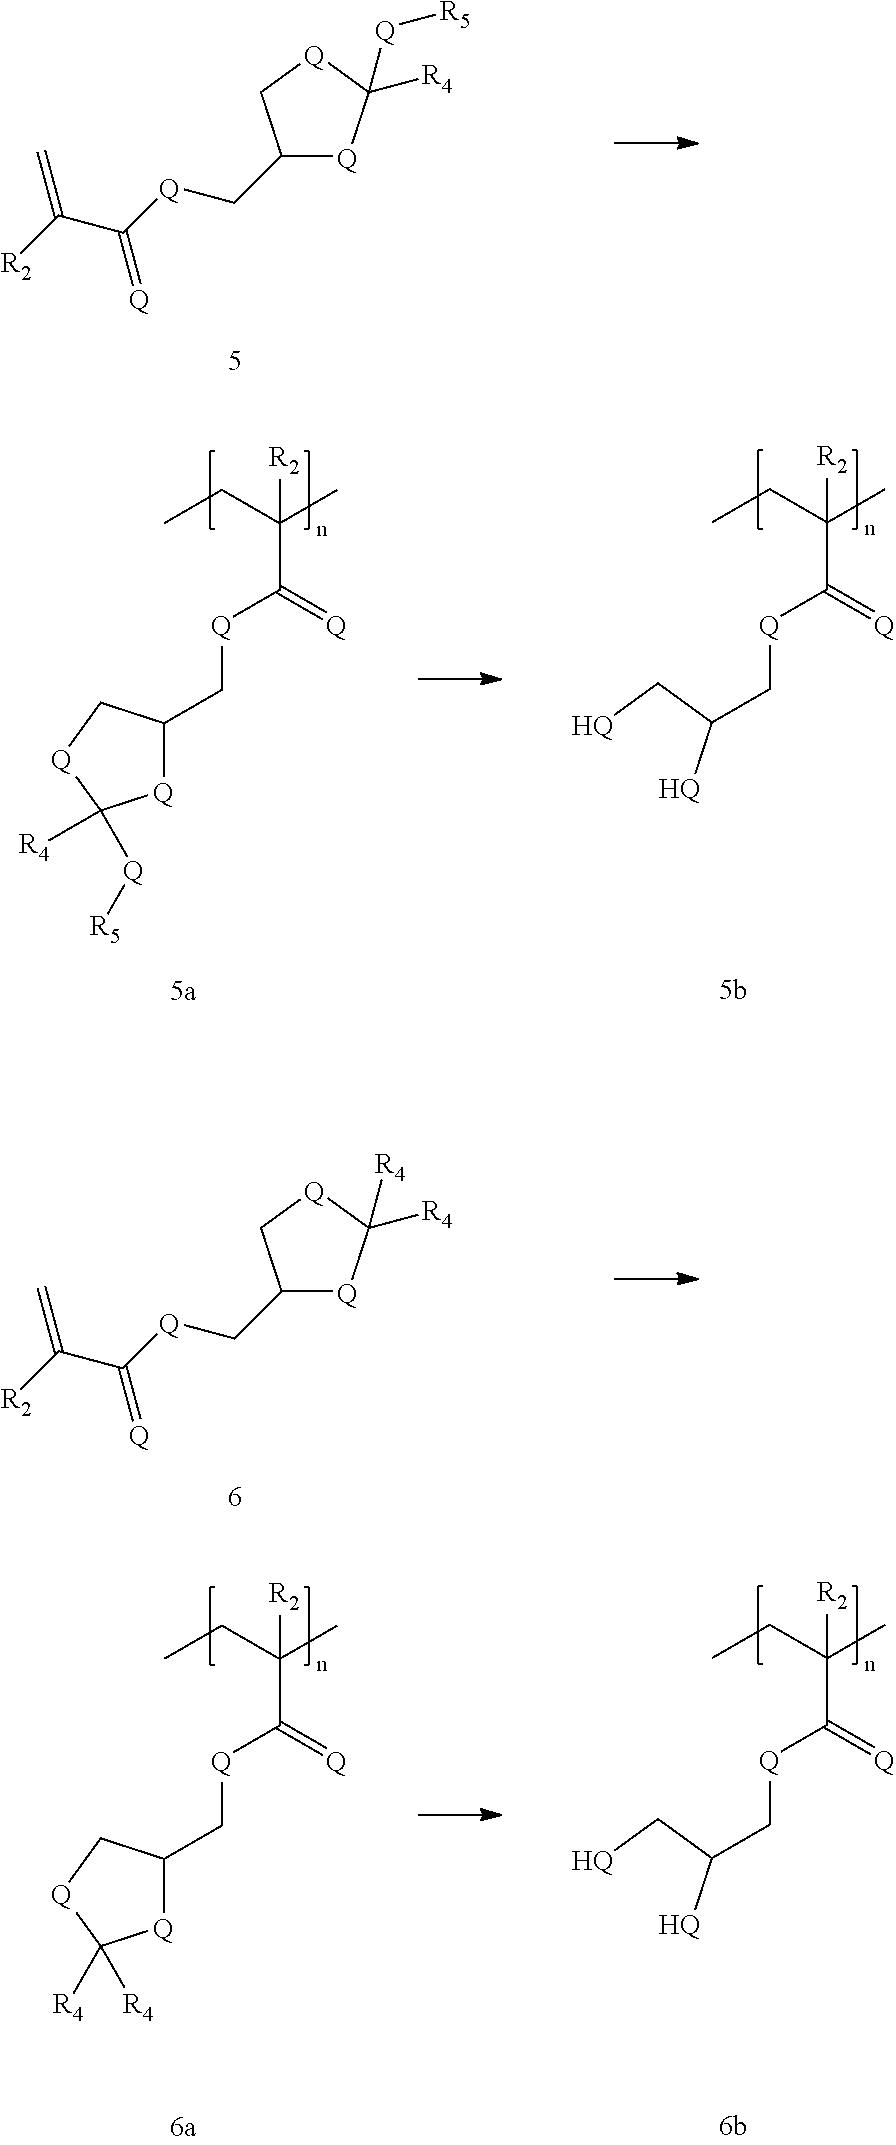 Figure US07671095-20100302-C00026